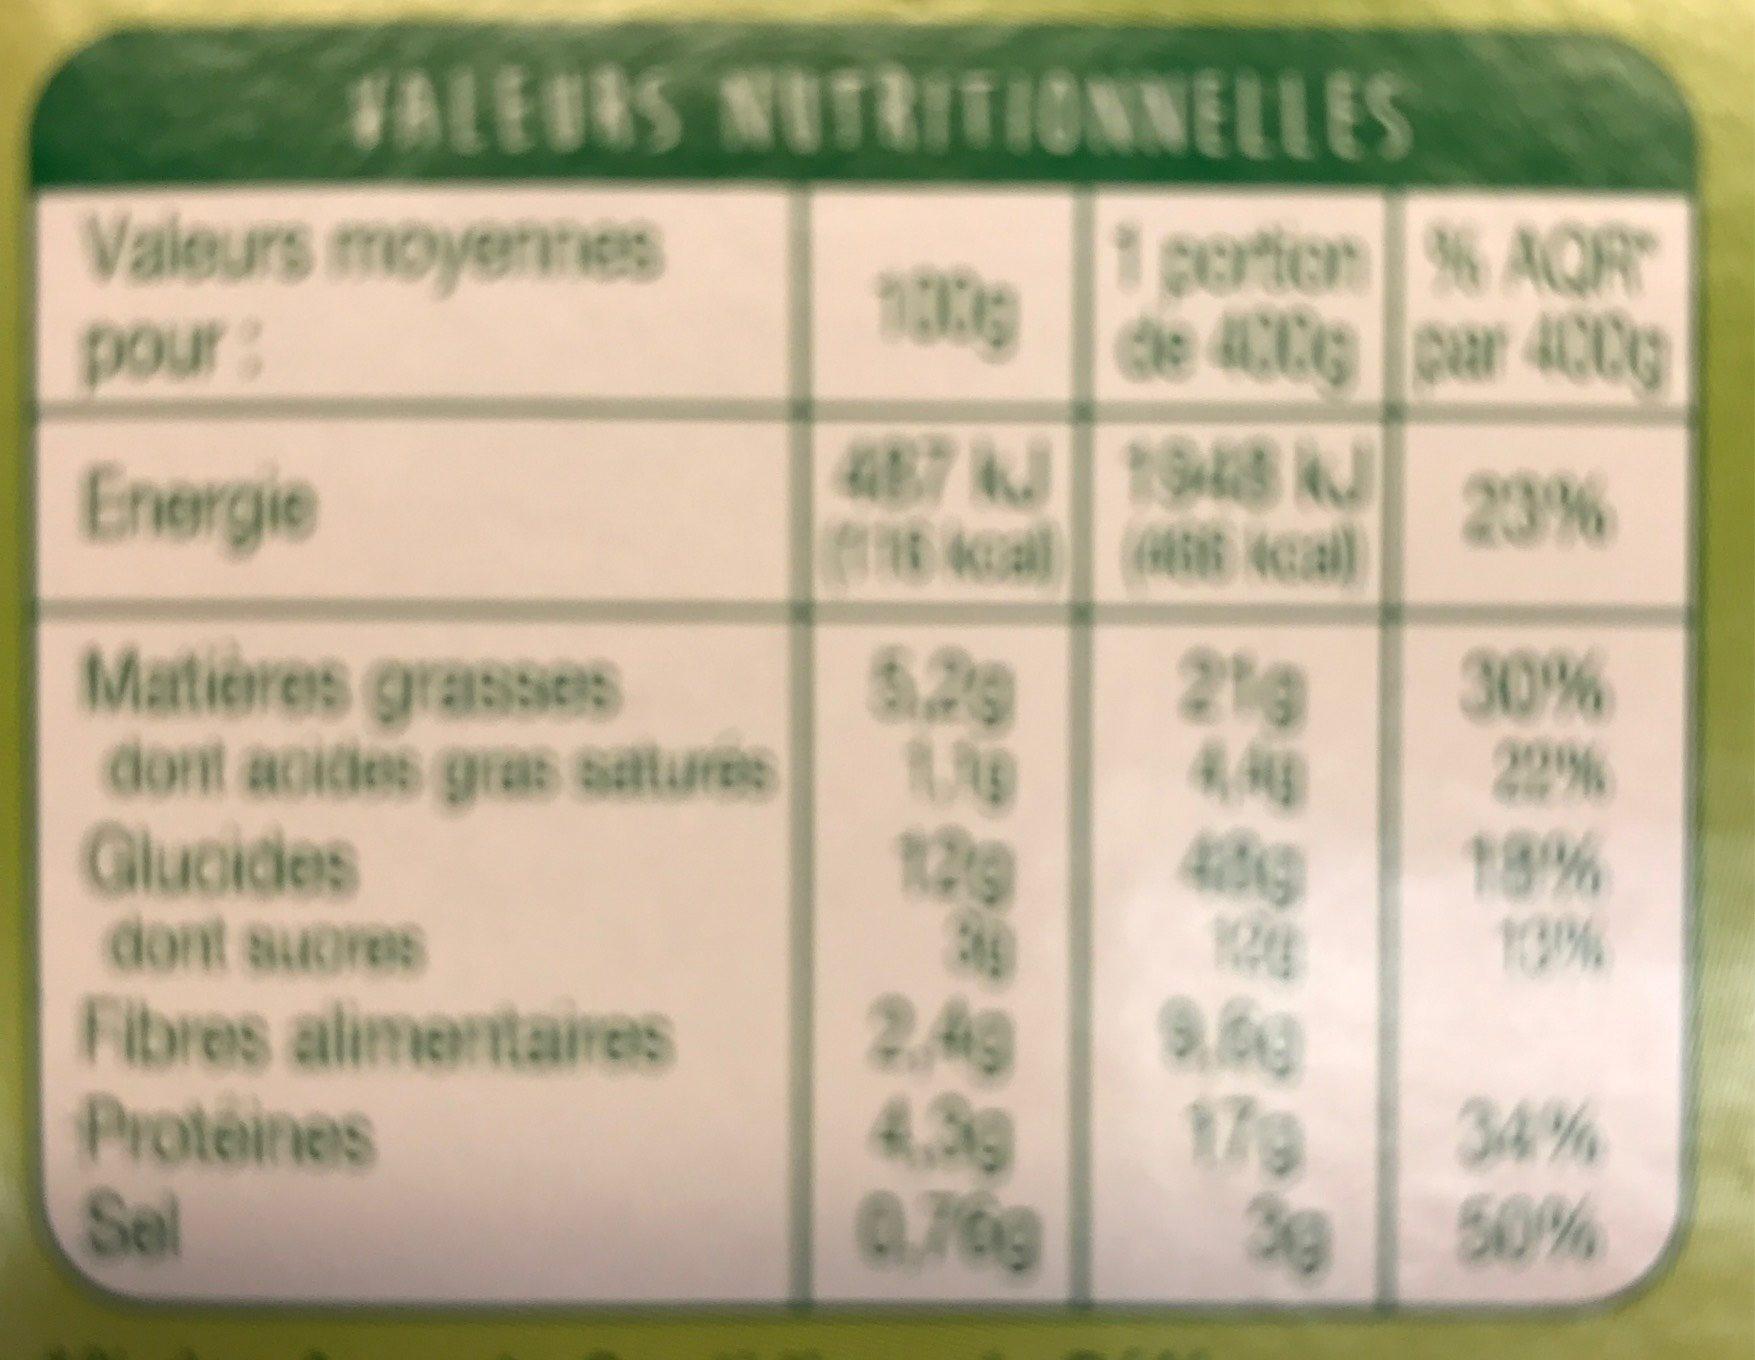 Lasagne Légumes, Tofu - Voedingswaarden - fr